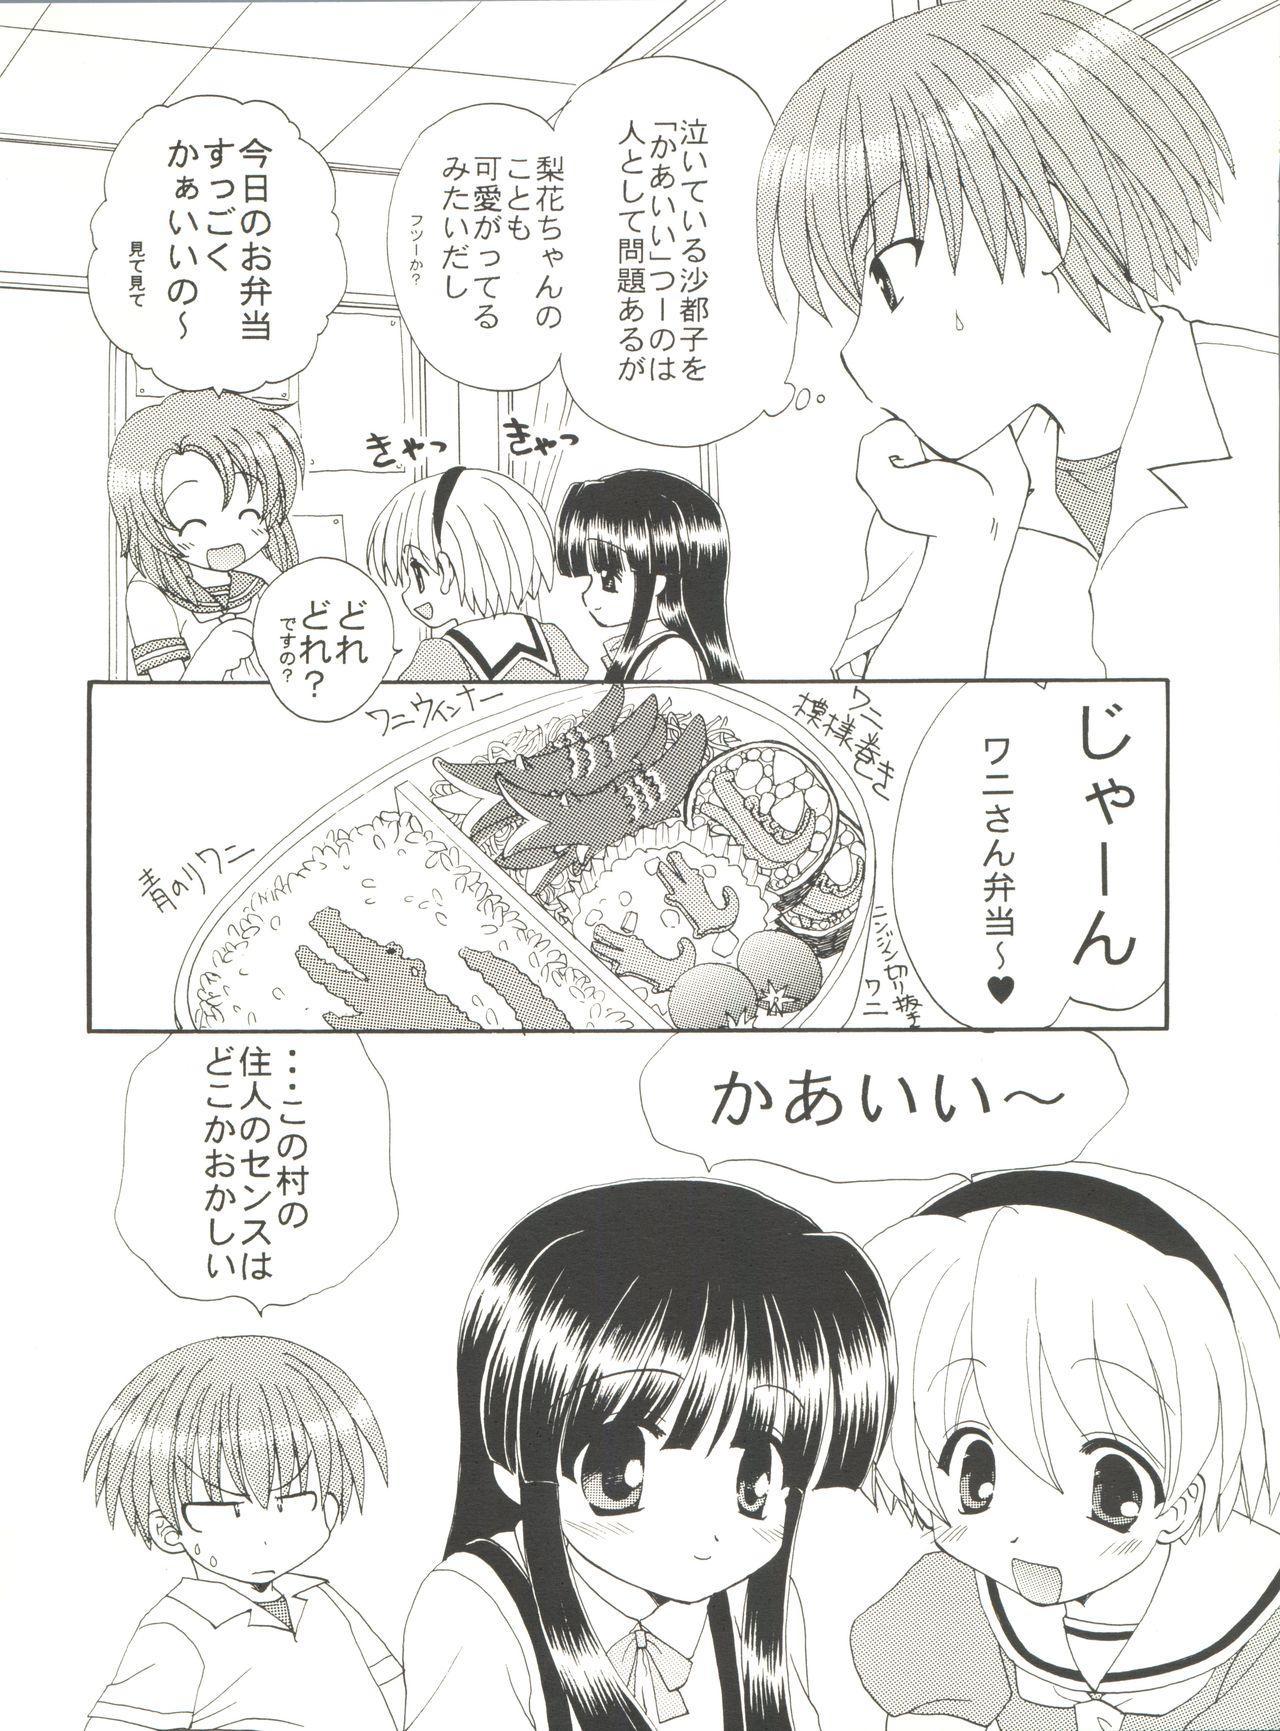 Higurashi no Naku ya ni 11